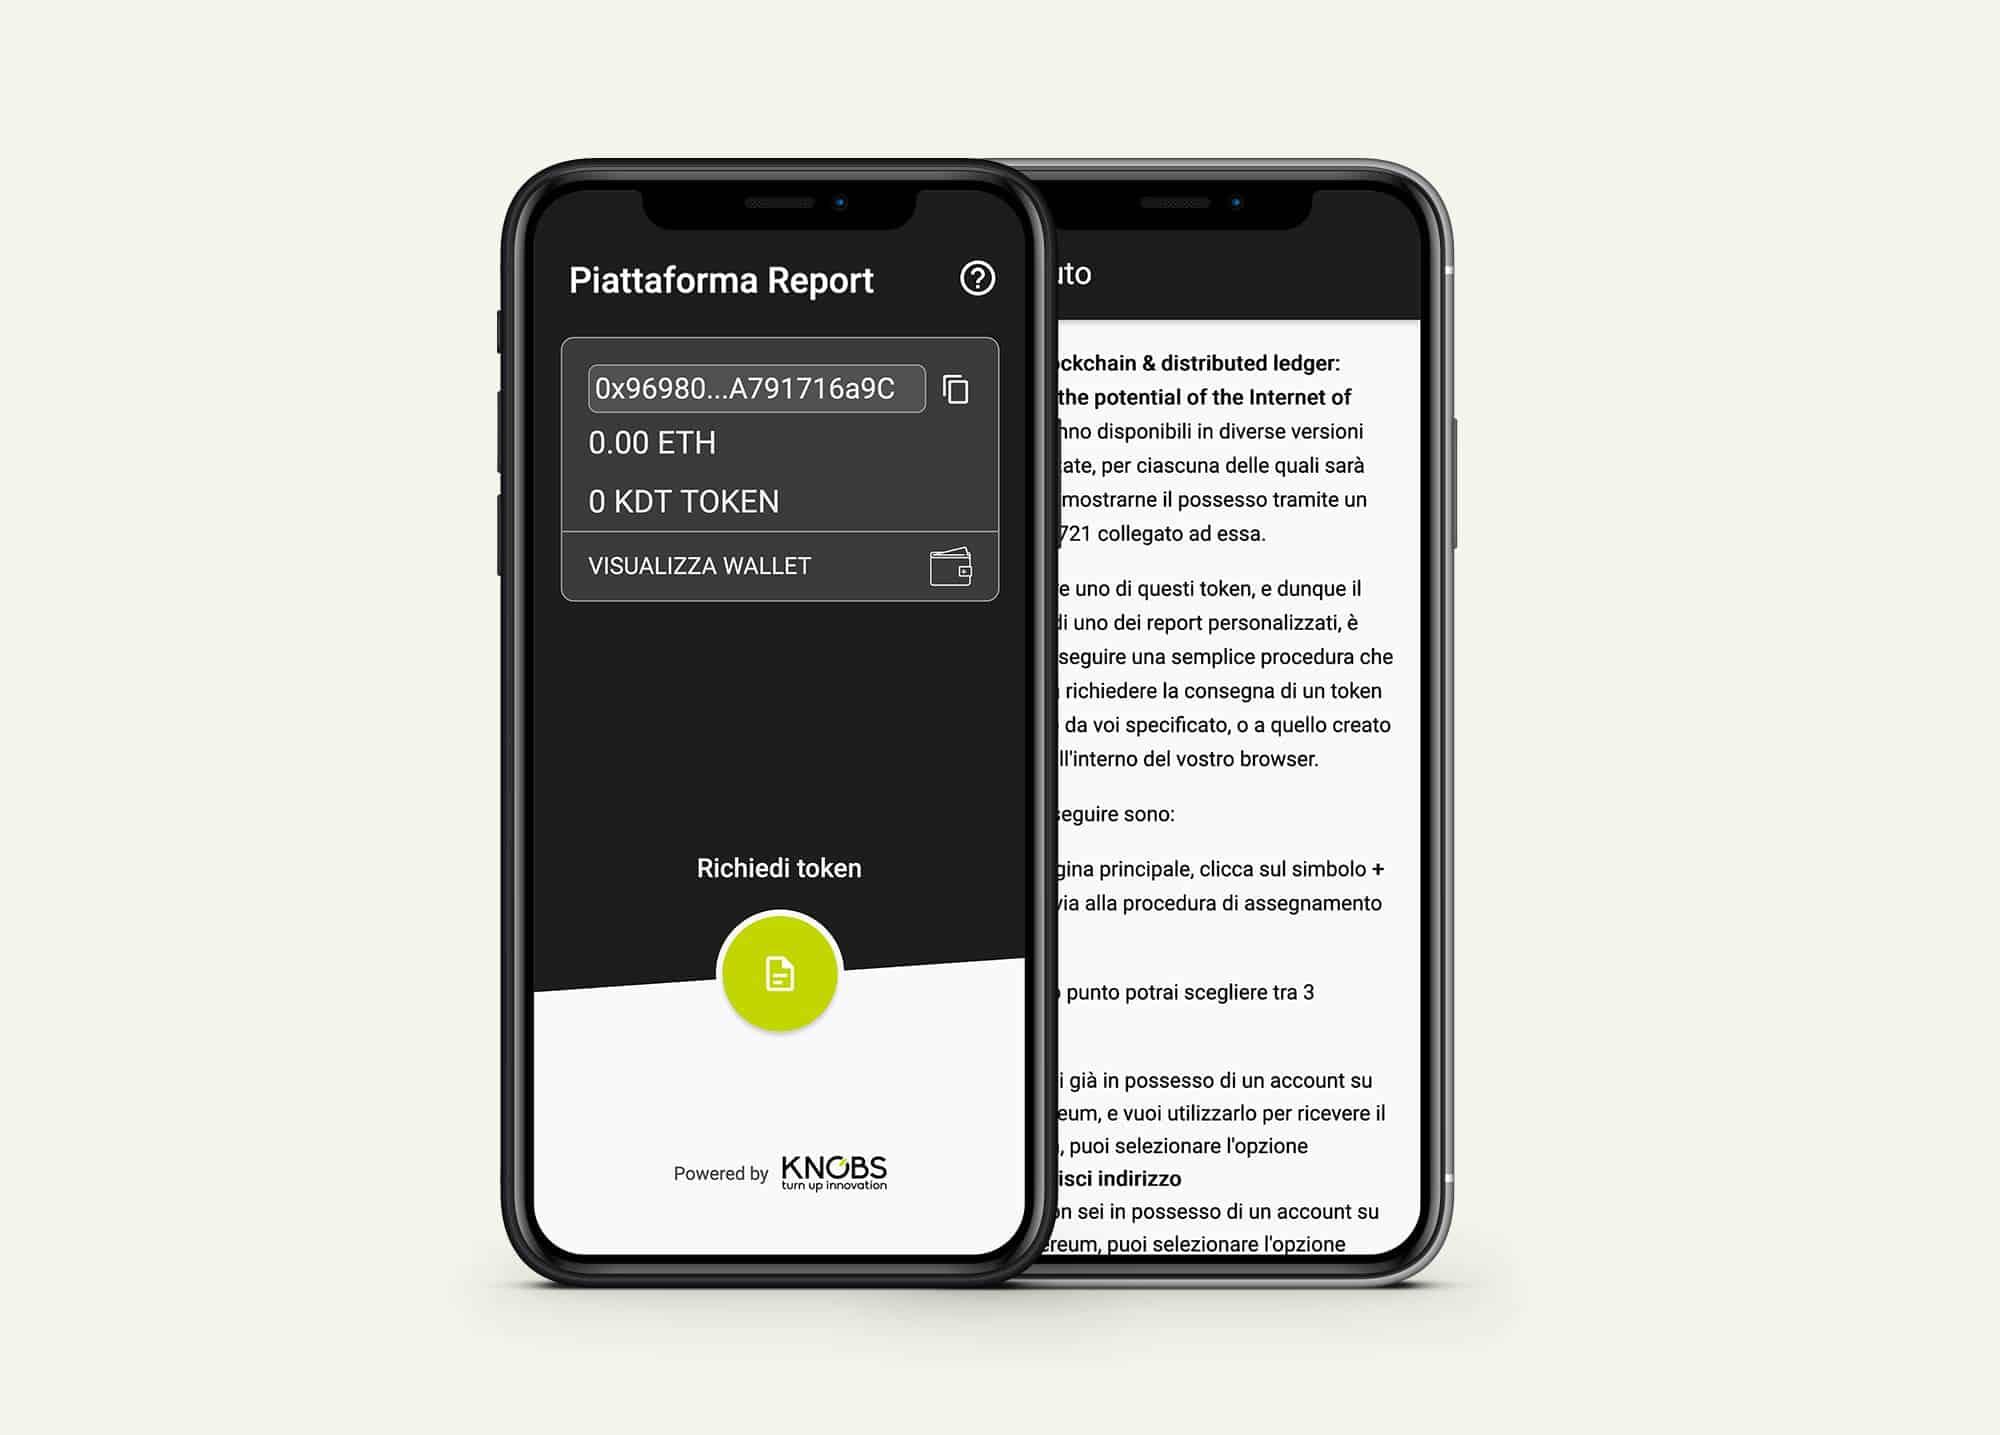 PiattaformaReport (3)